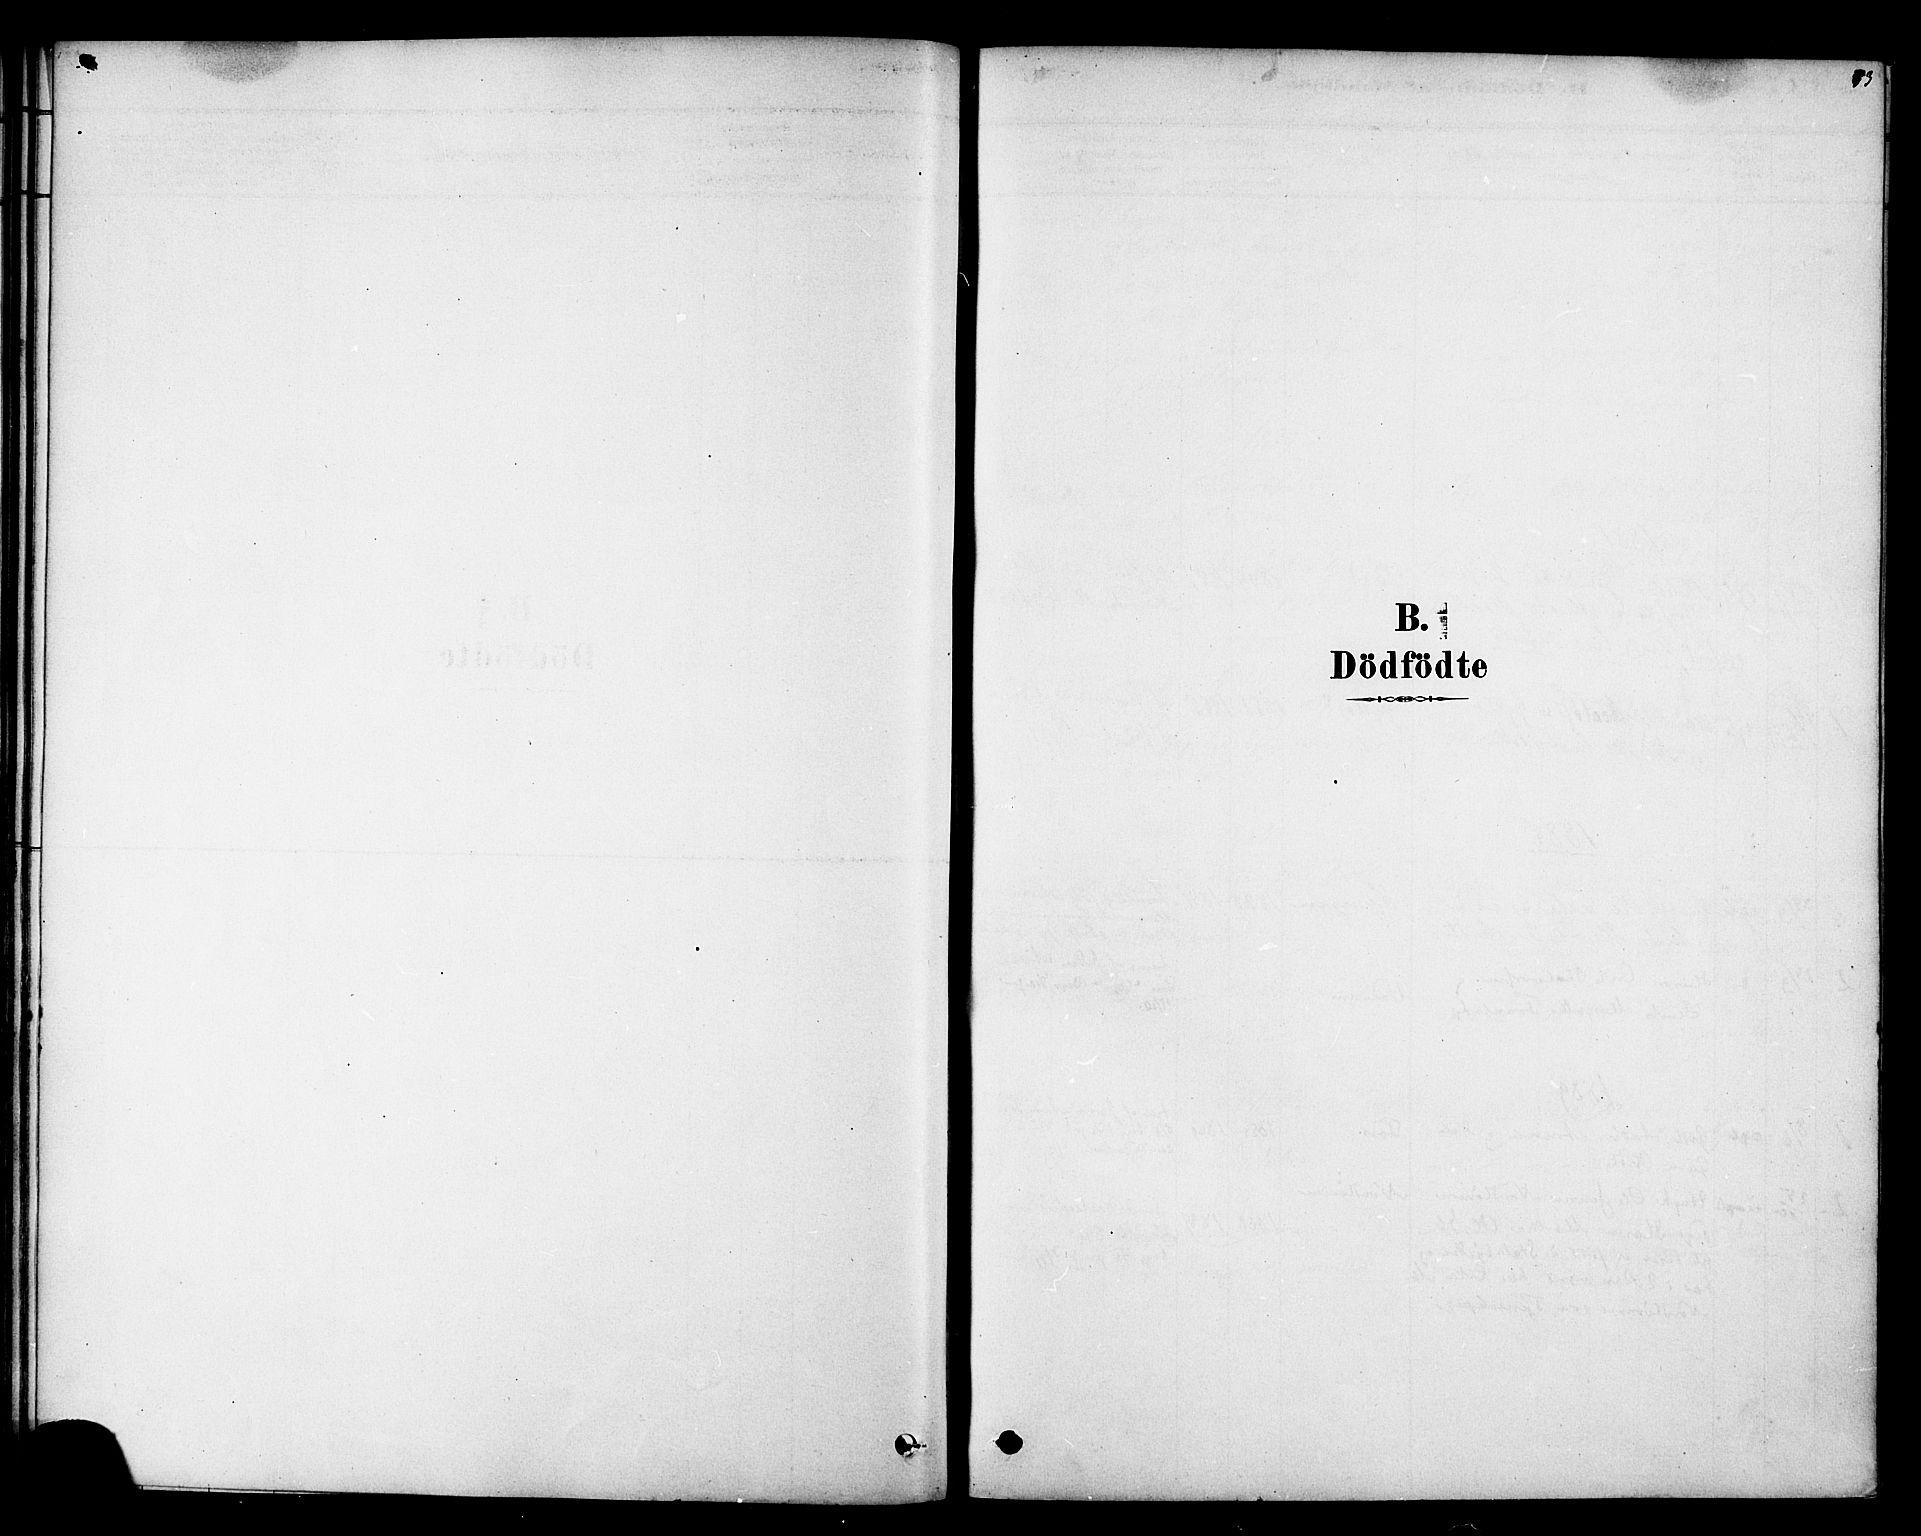 SAT, Ministerialprotokoller, klokkerbøker og fødselsregistre - Sør-Trøndelag, 692/L1105: Ministerialbok nr. 692A05, 1878-1890, s. 53